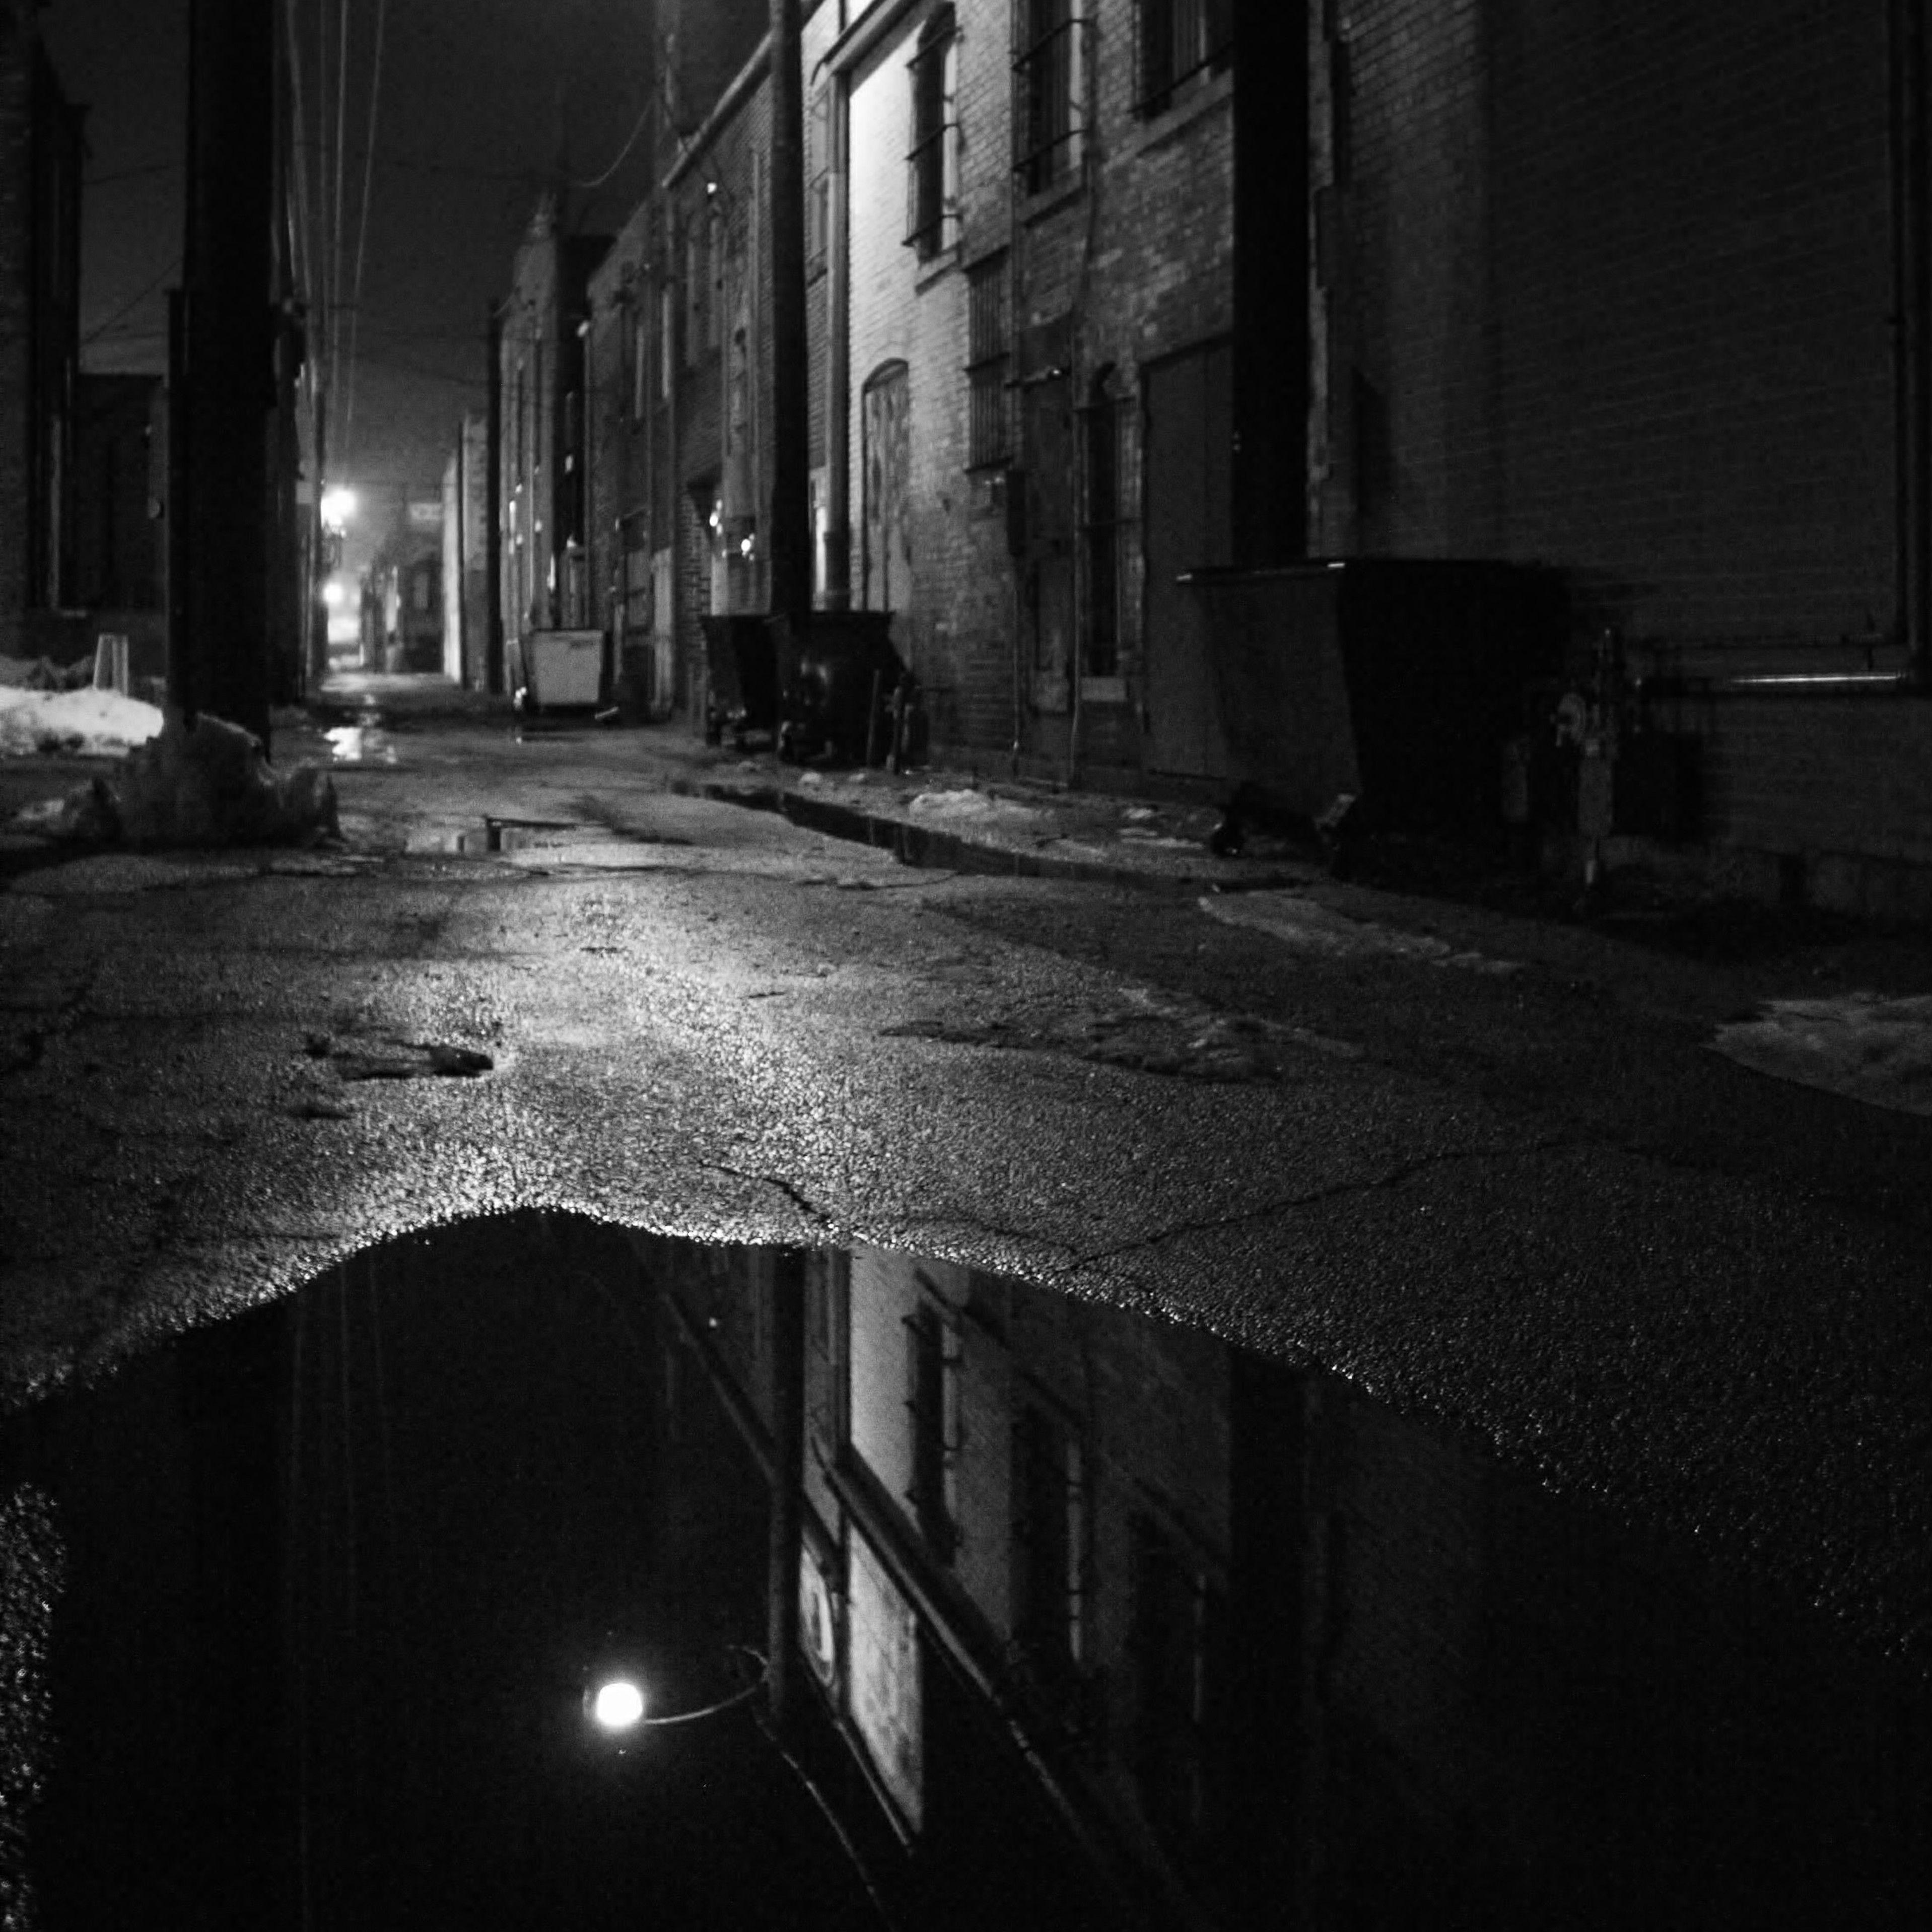 Alley on a foggy night photo by j heintz21